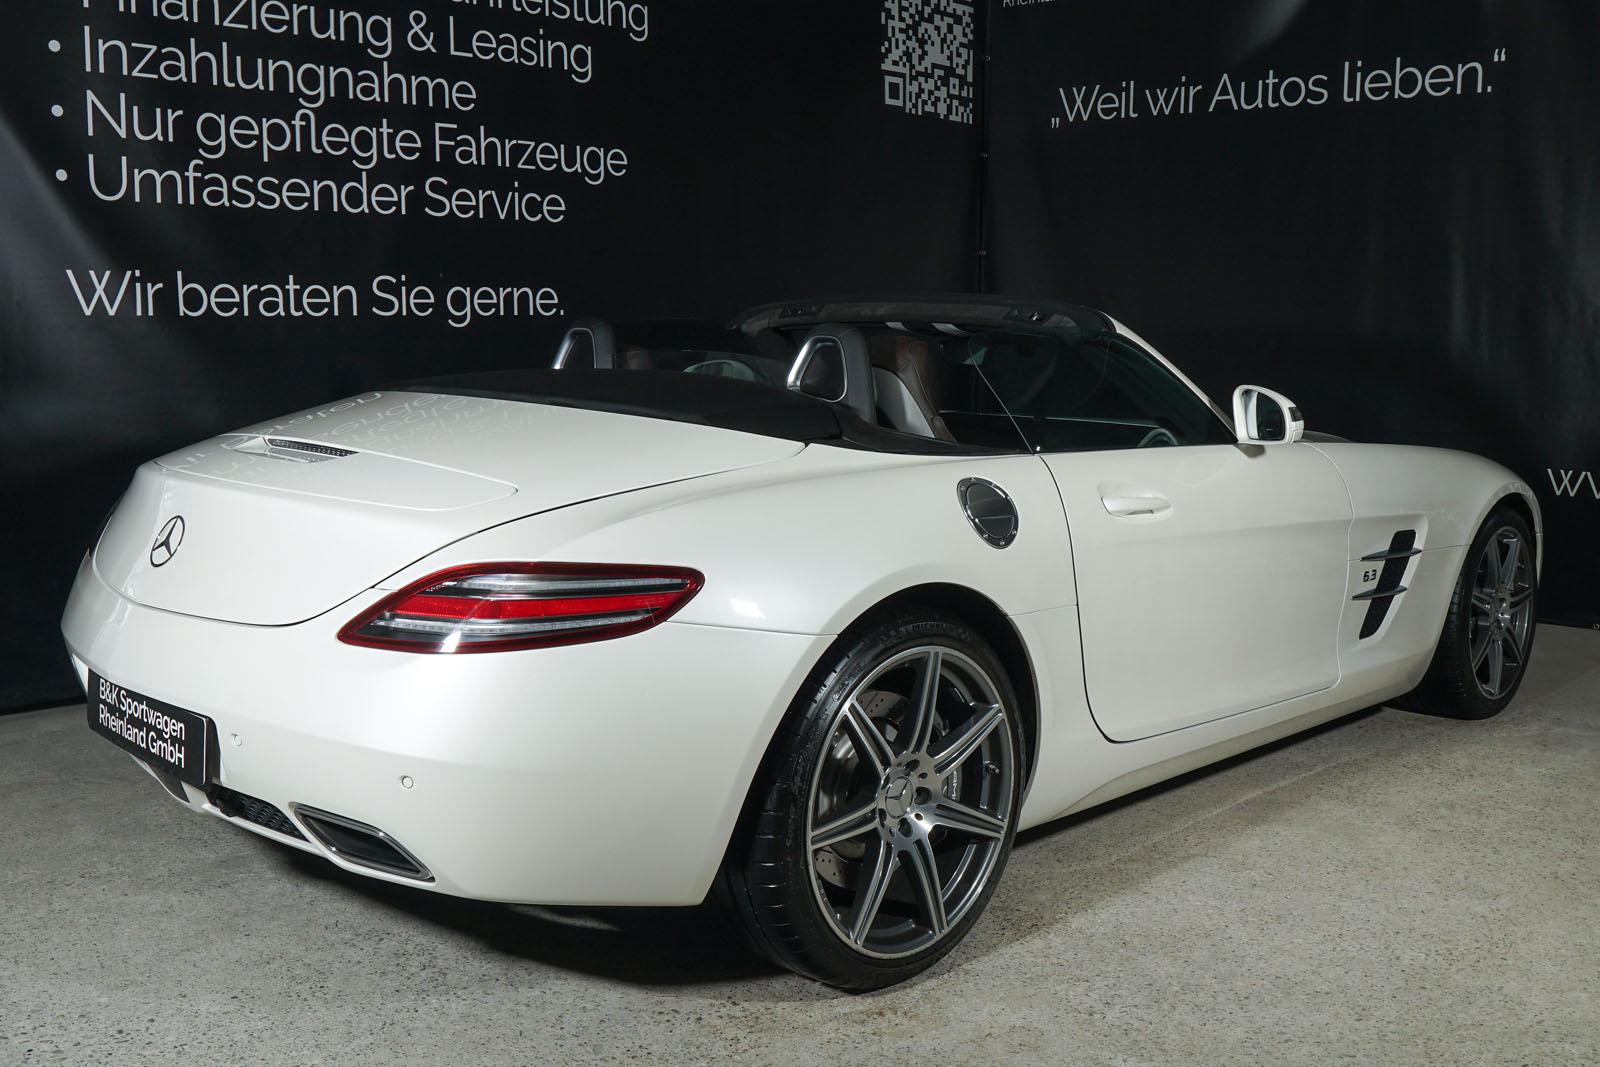 Mercedes-Benz_SLS_AMG_Roadster_Weiß_Braun_2